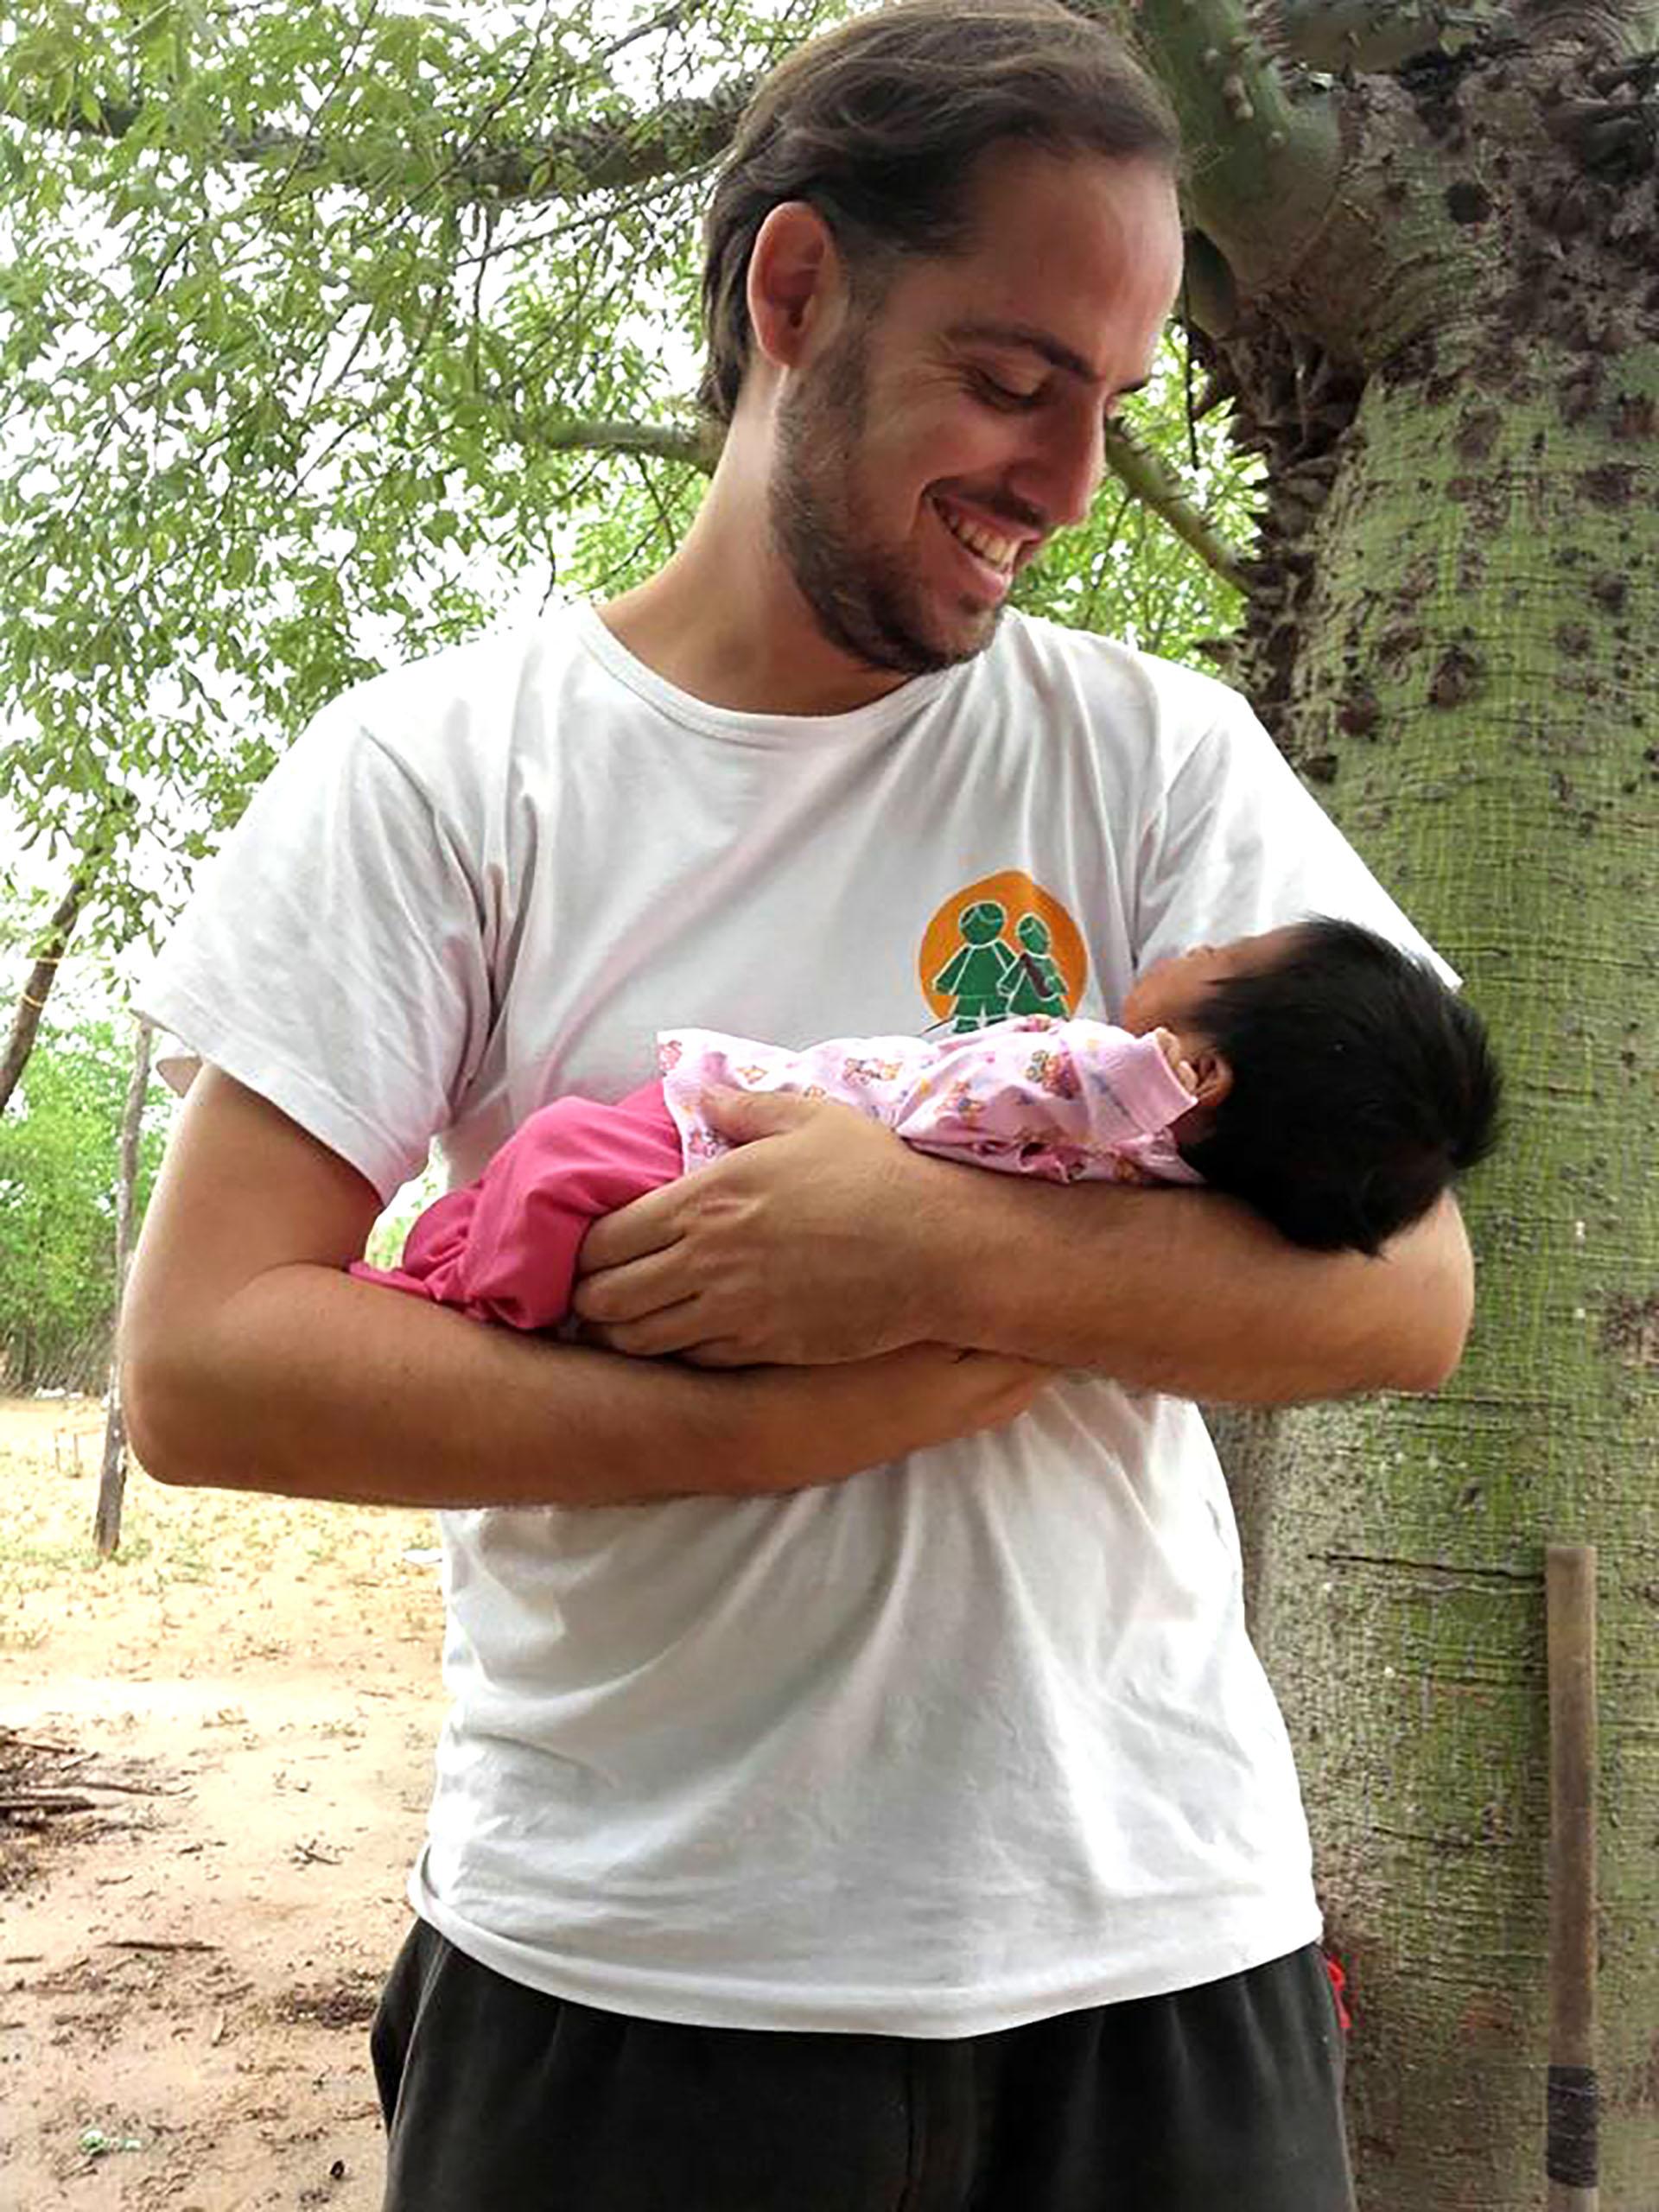 Diego lidera Pata Pila desde fines del 2014 y en el NOA combate la desnutrición infantil